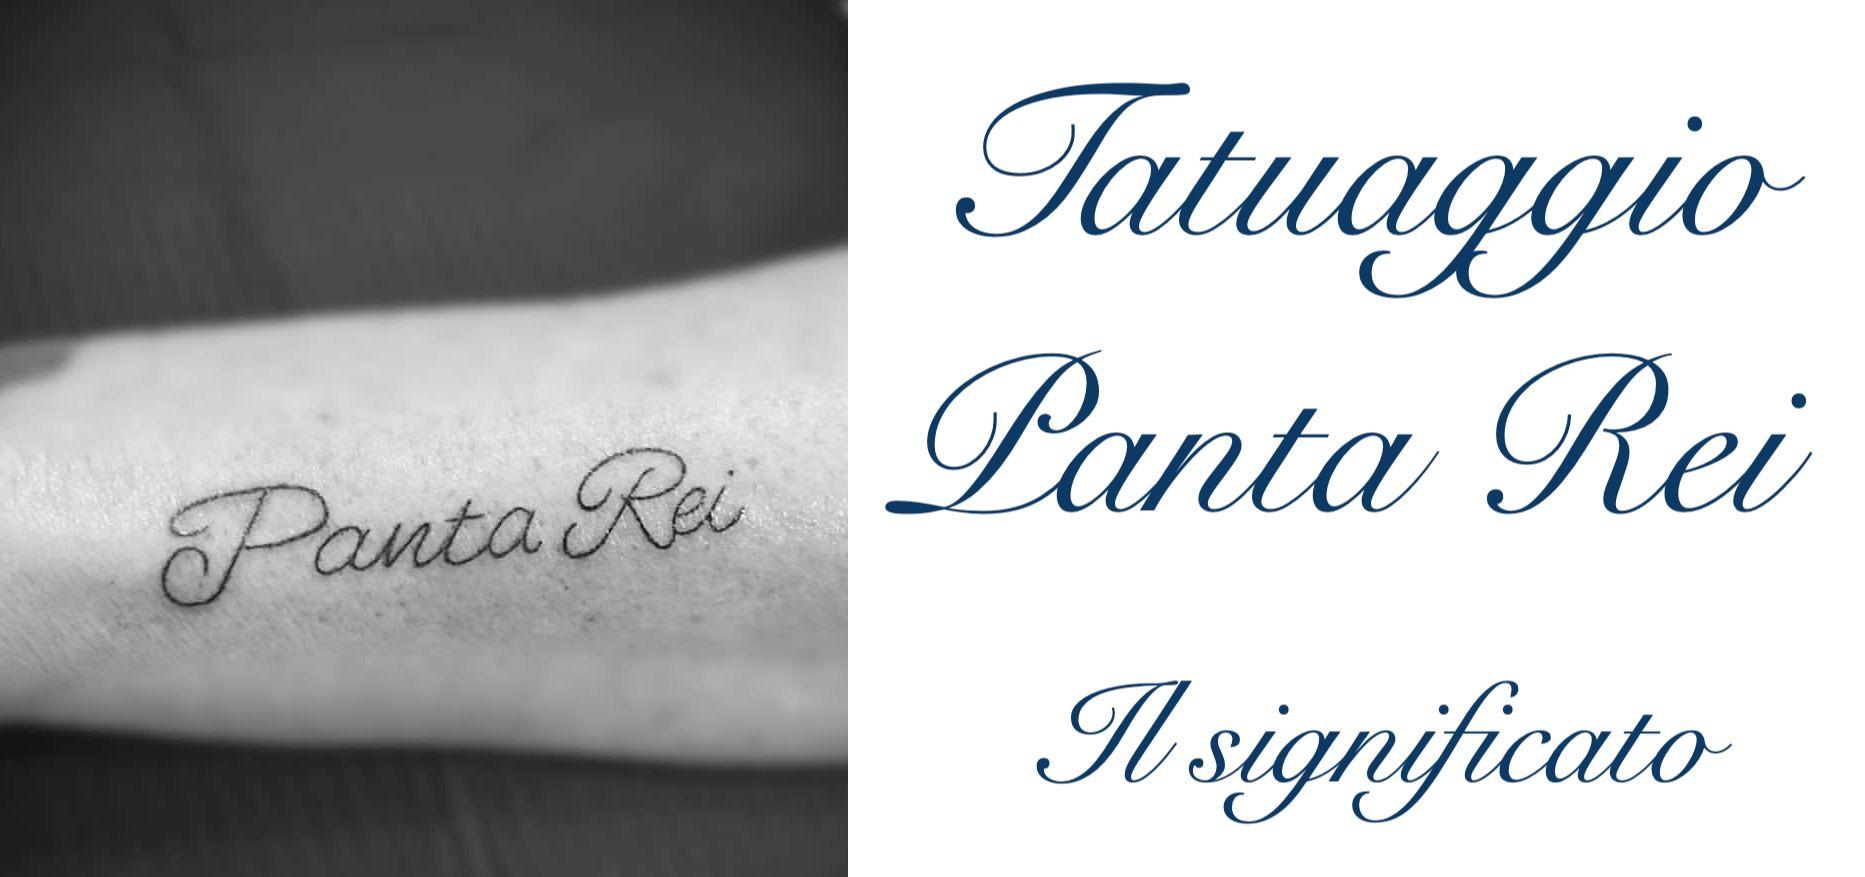 Tatuaggio Tattoo Panta Rei Significato